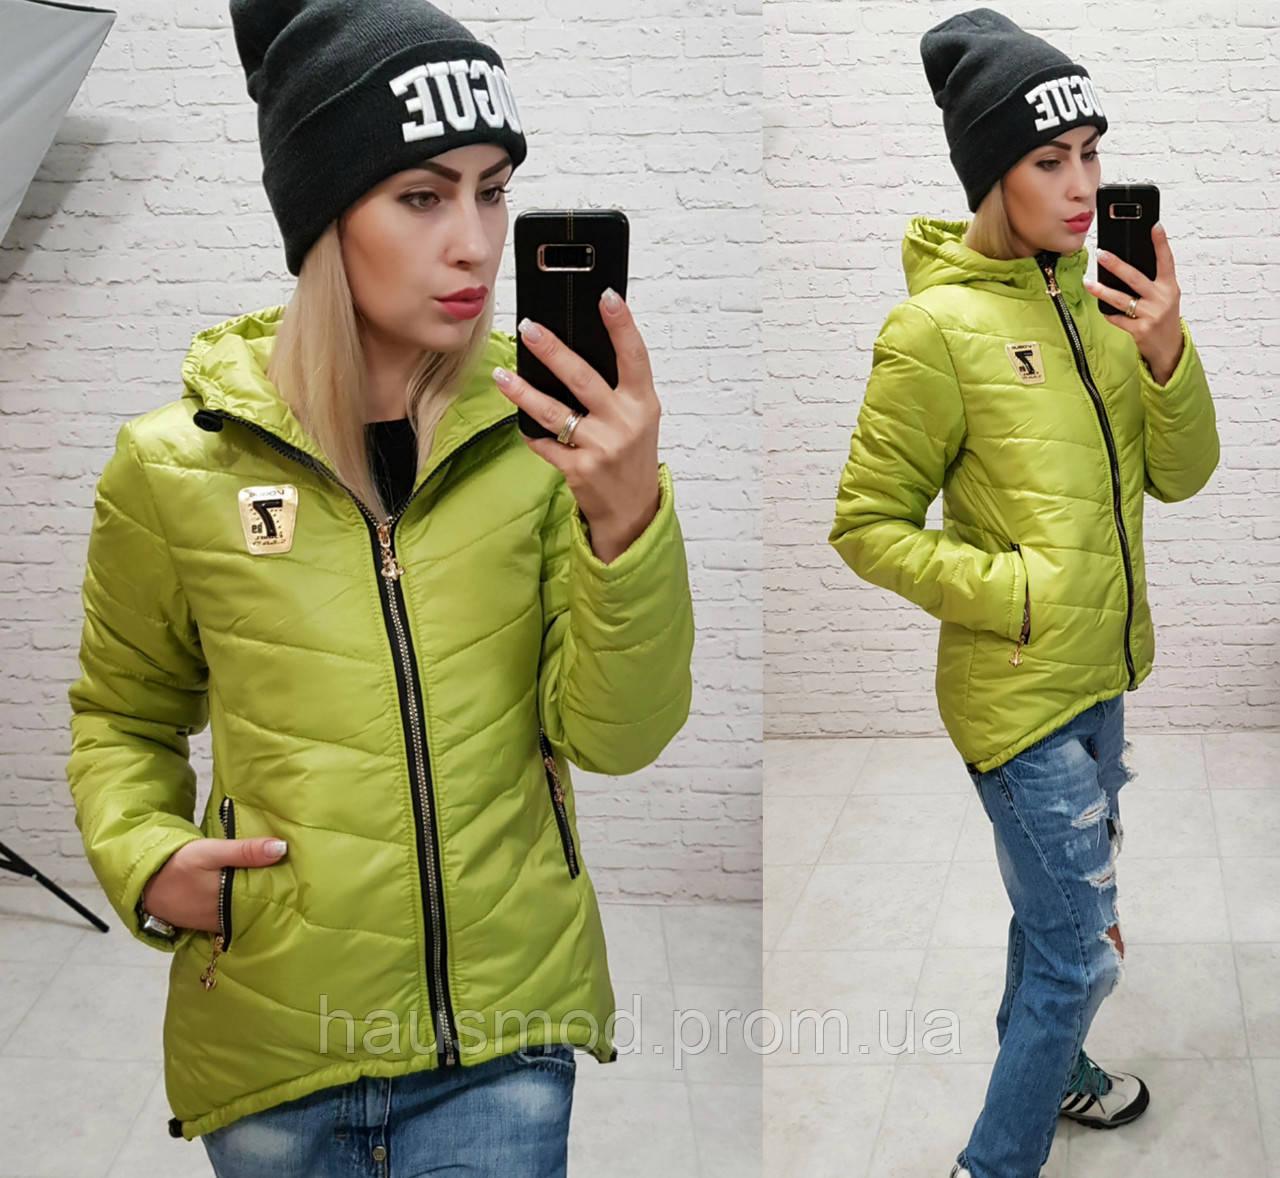 Новинка короткая стеганная стильная куртка Vogue плащевка салатовый 42 44 46 48